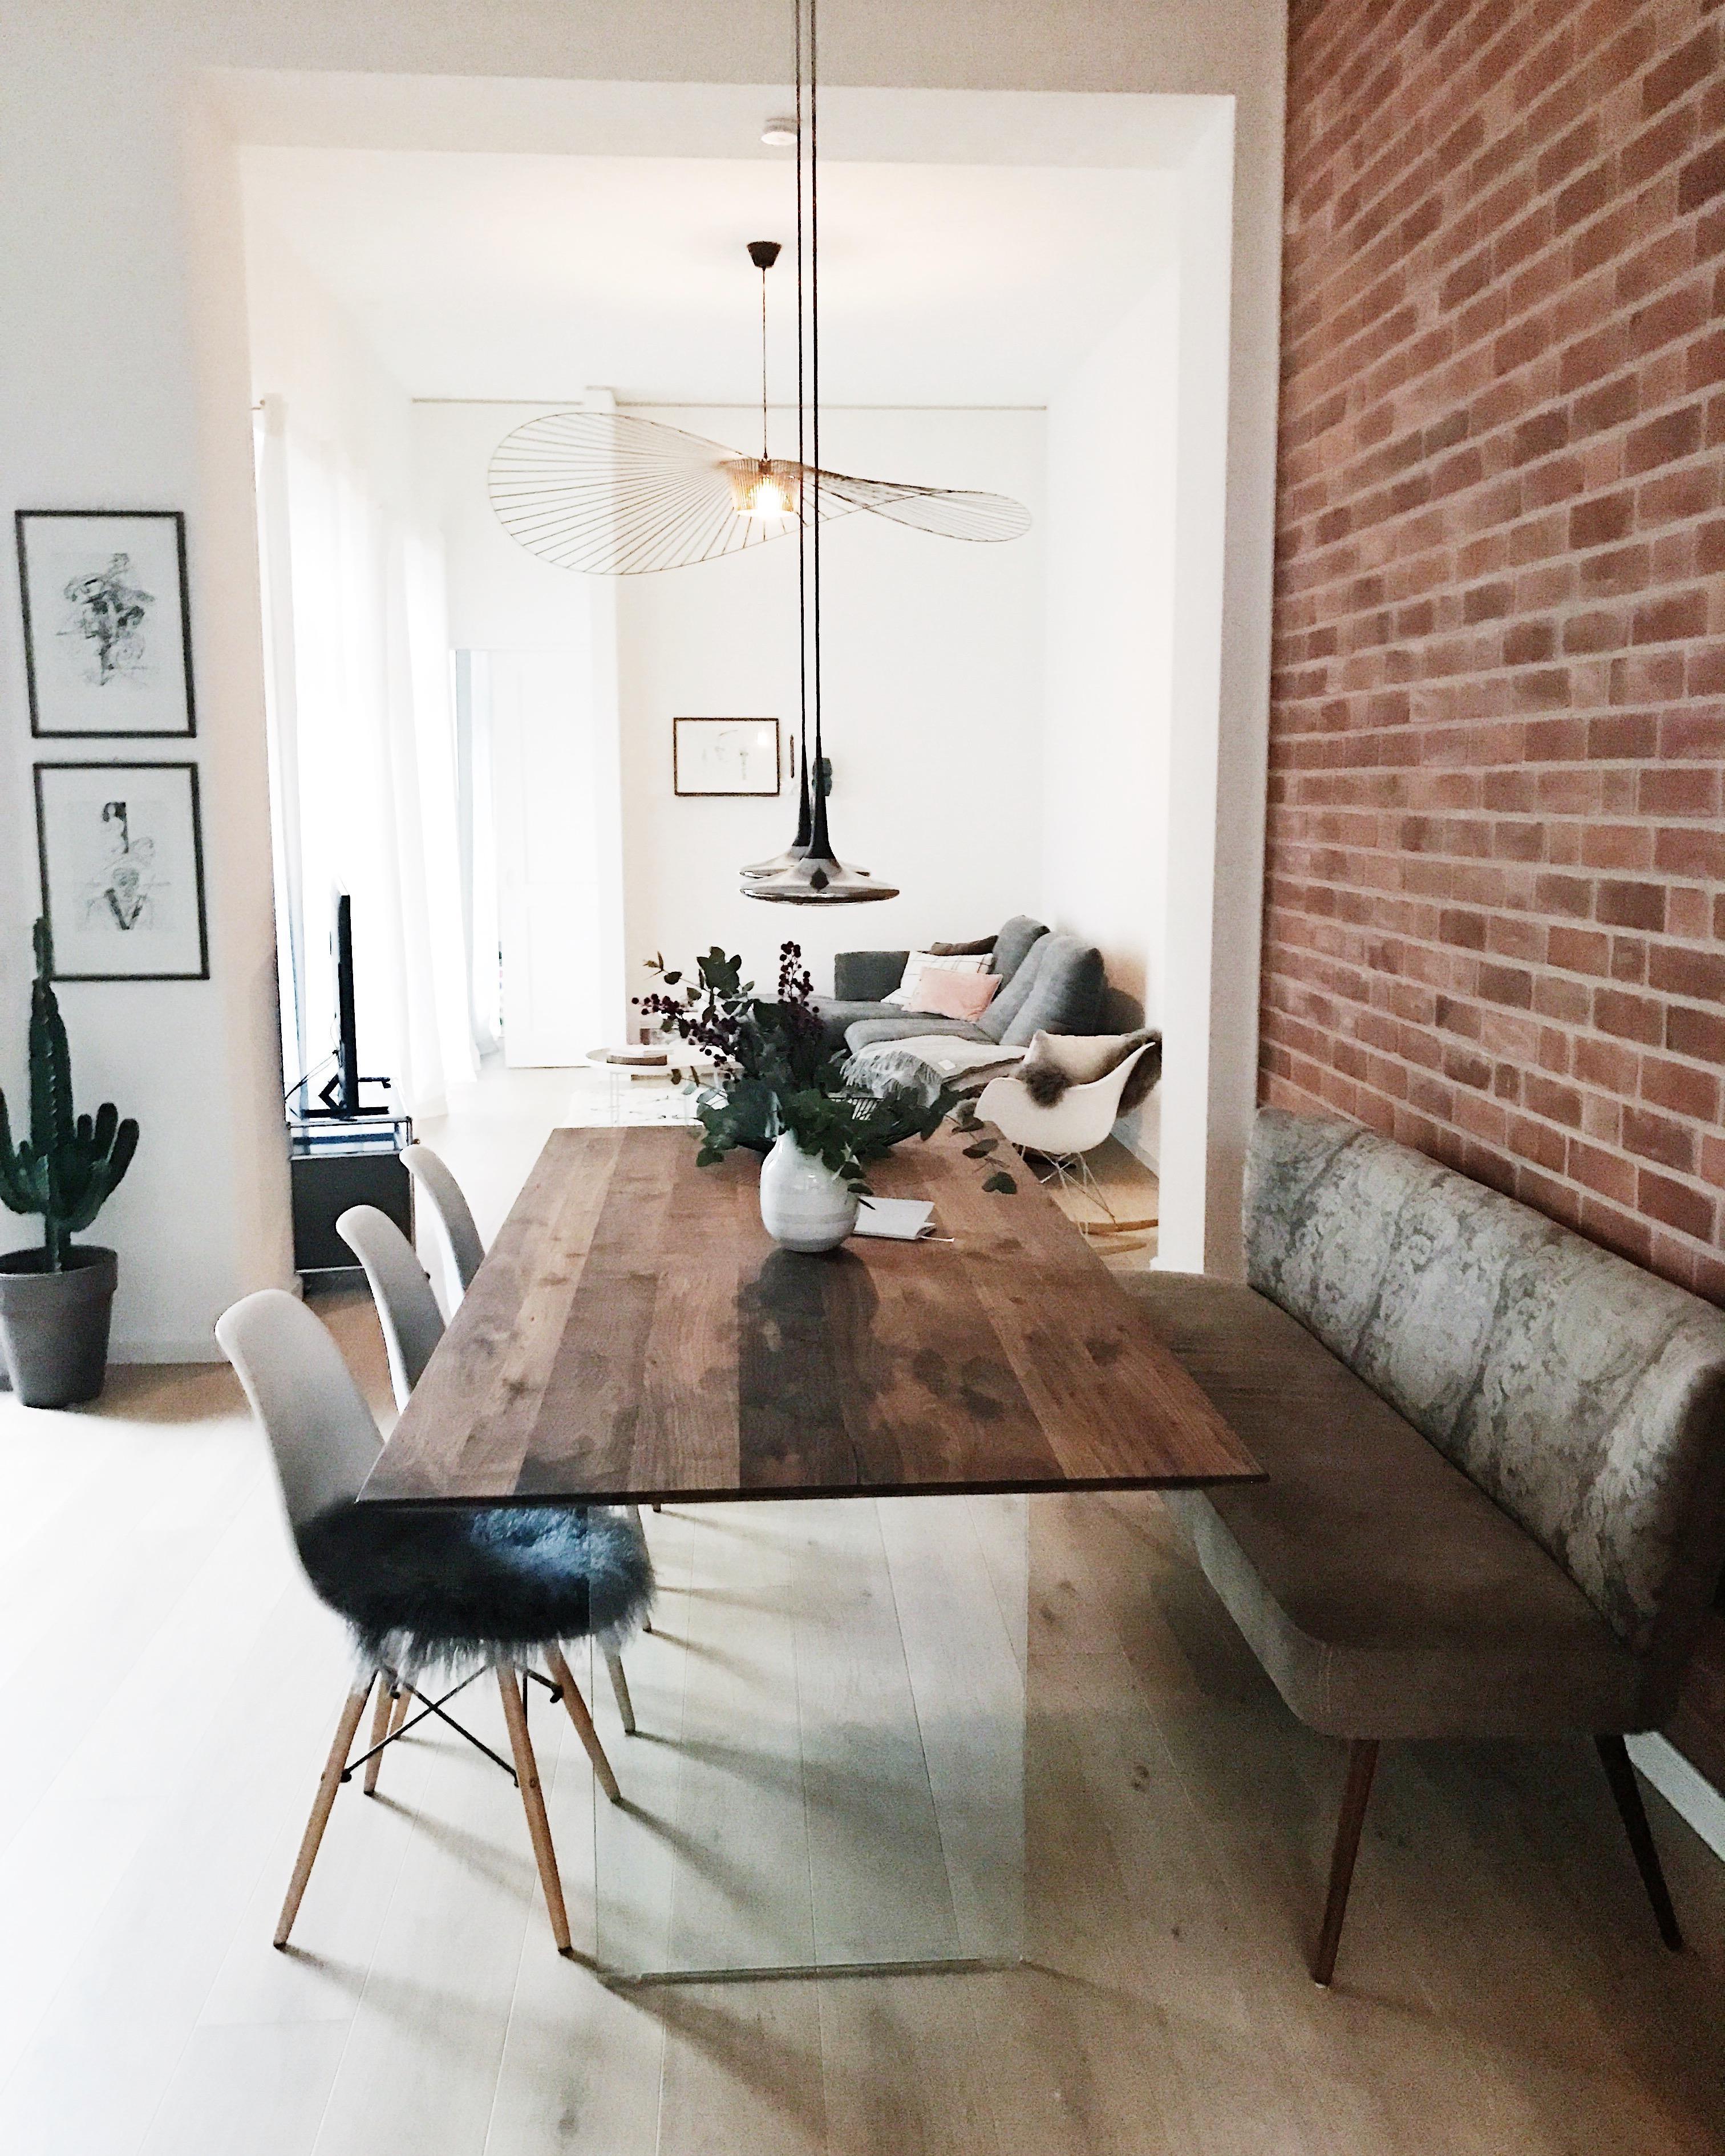 Schön #skandistyle#whiteliving#vitra#esszimmer#esszimmertisch#wohnzimmer#loft#home